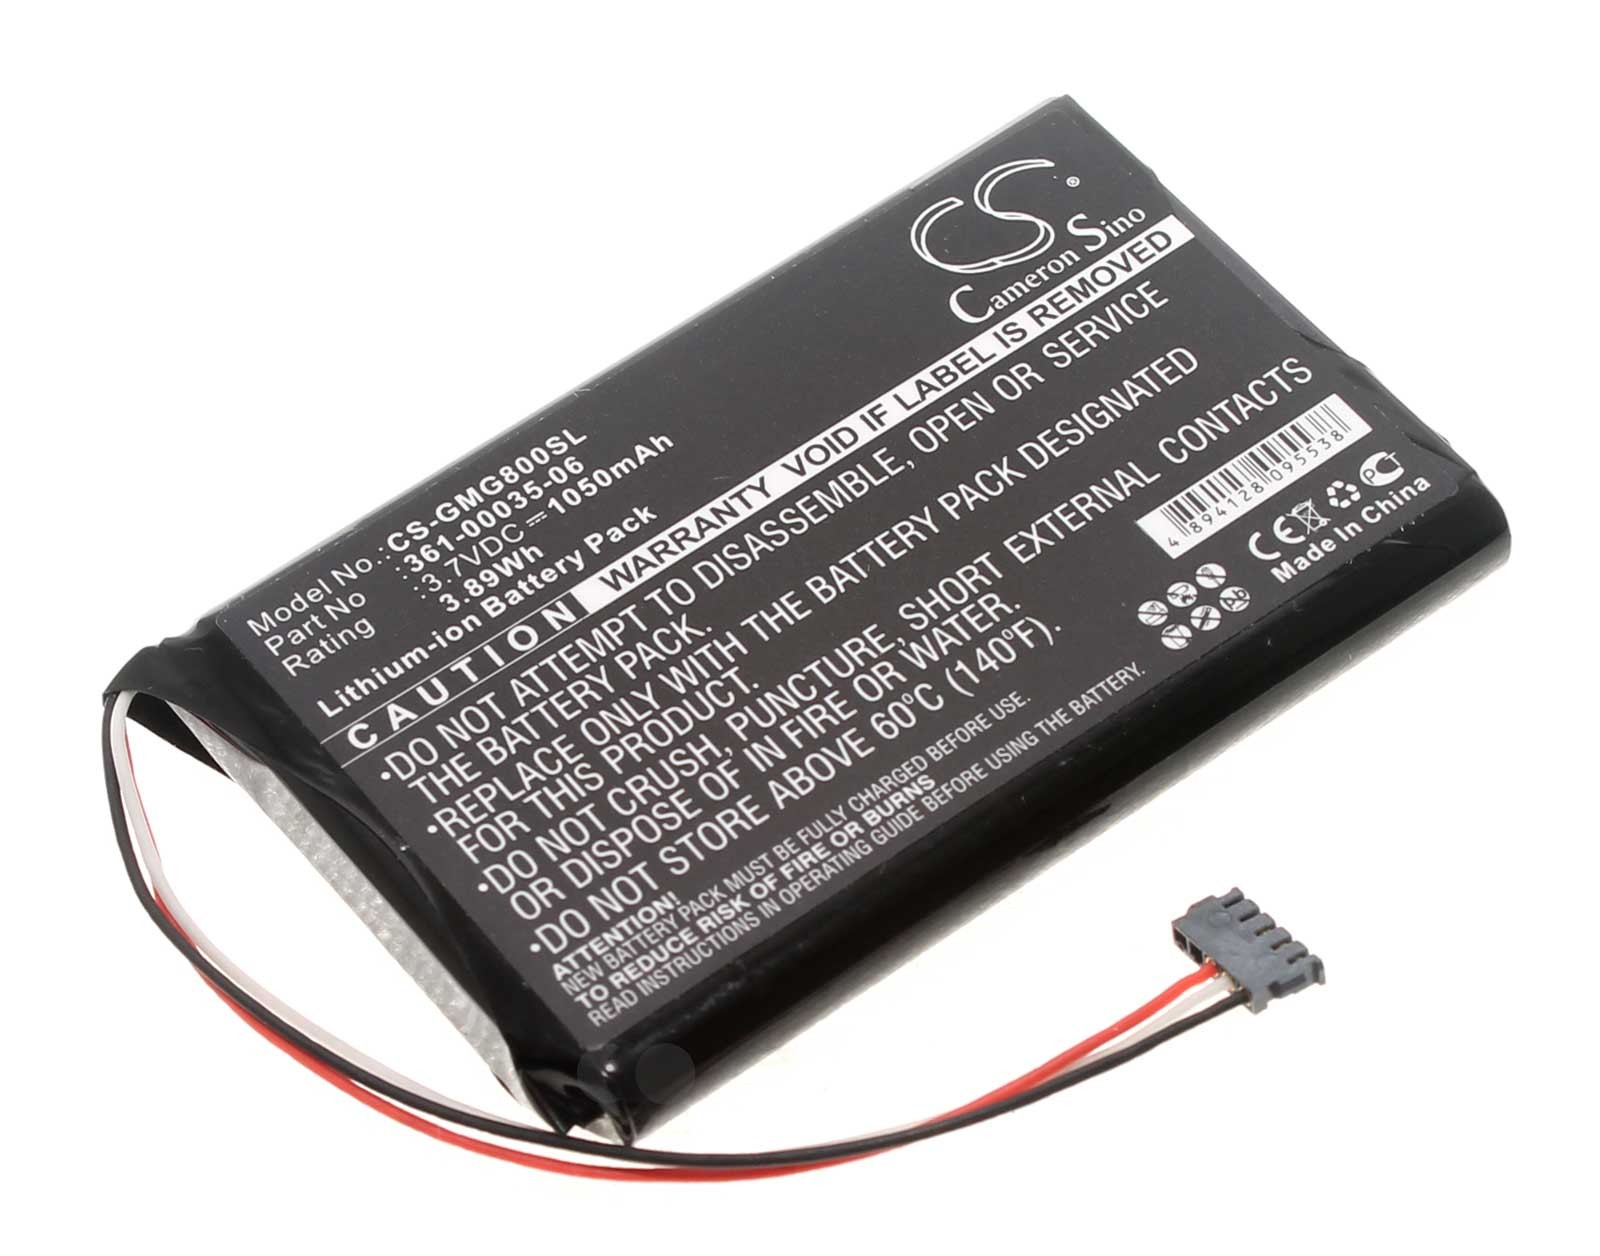 Golf Laser Entfernungsmesser Erlaubt : Laser entfernungsmesser und geschwindigkeitsmesser bis m